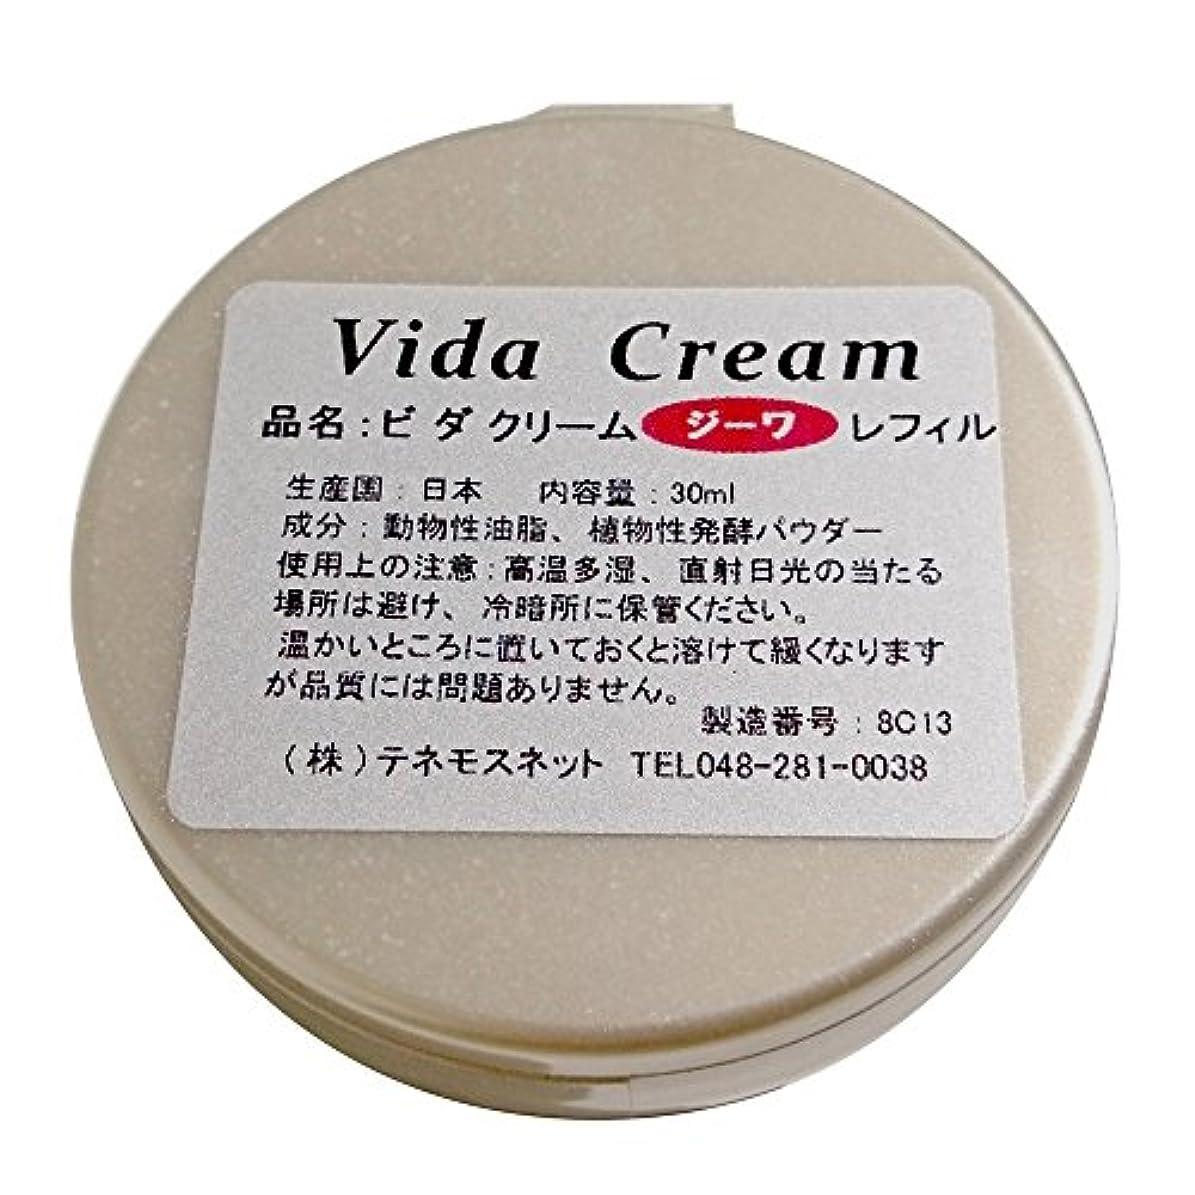 ホステル犠牲提出するテネモス ビダクリーム Vida Cream ジーワ レフィル 付替用 30ml